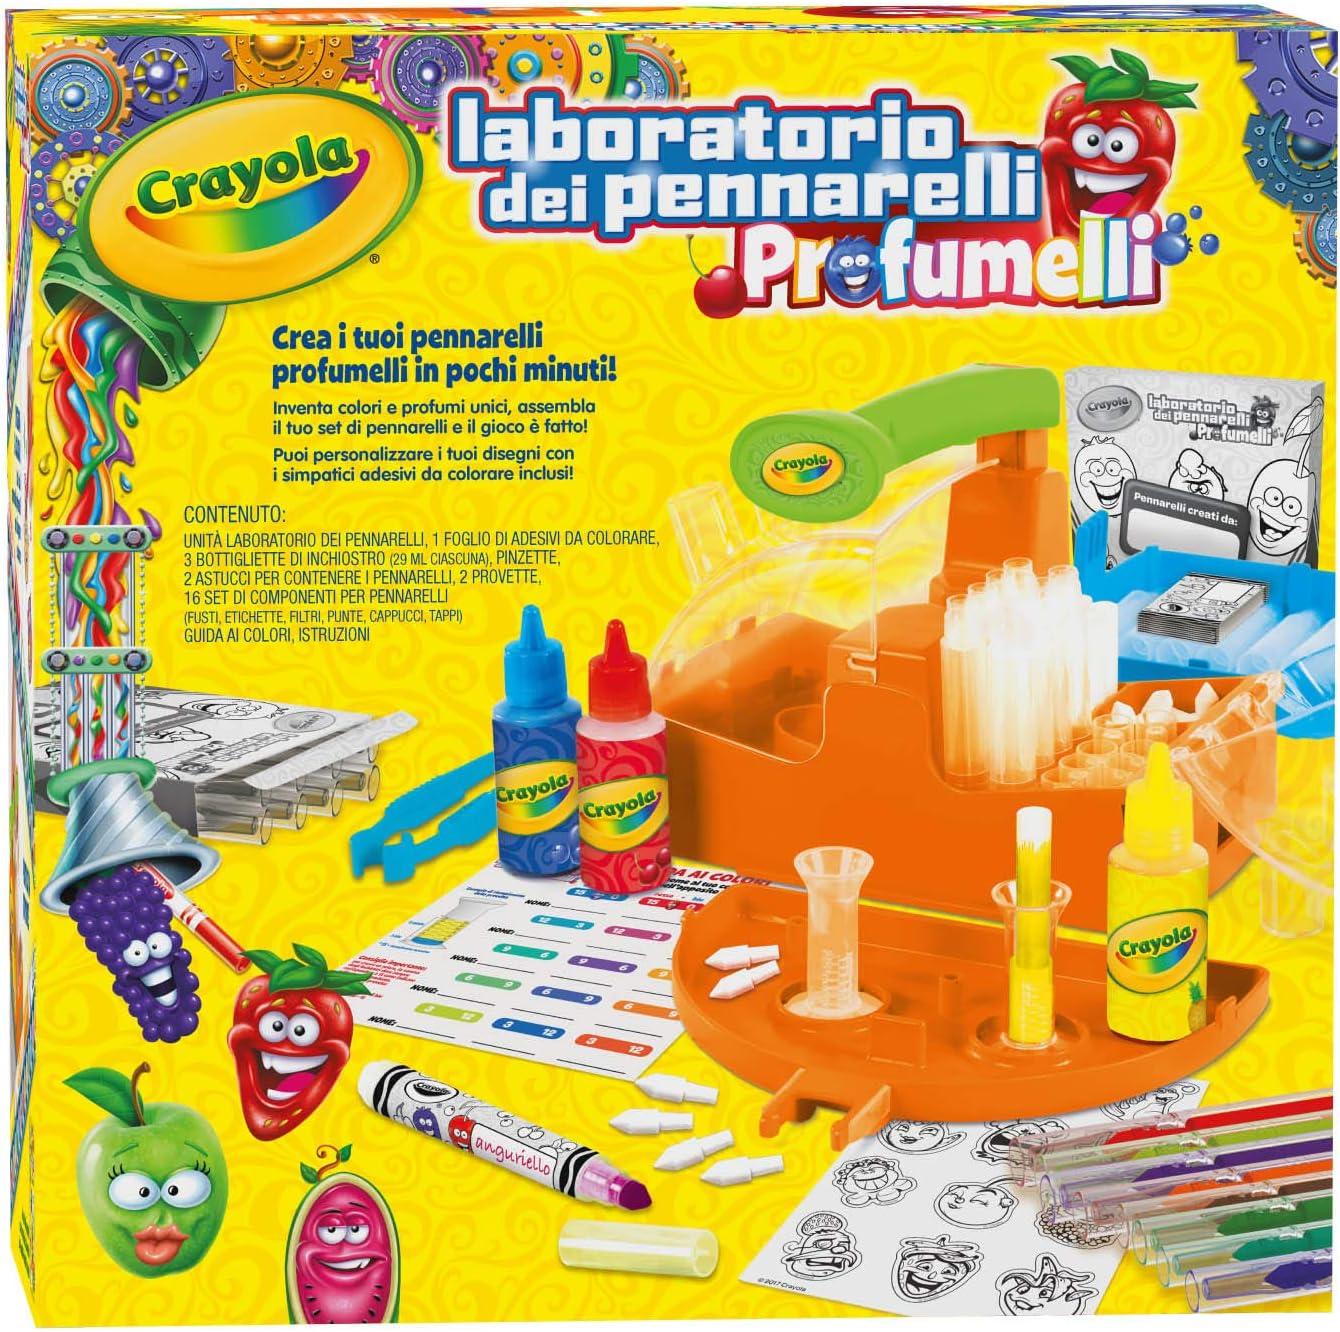 Crayola Laboratorio dei Pennarelli Profumelli, per Creare i Tuoi pennarelli profumati.